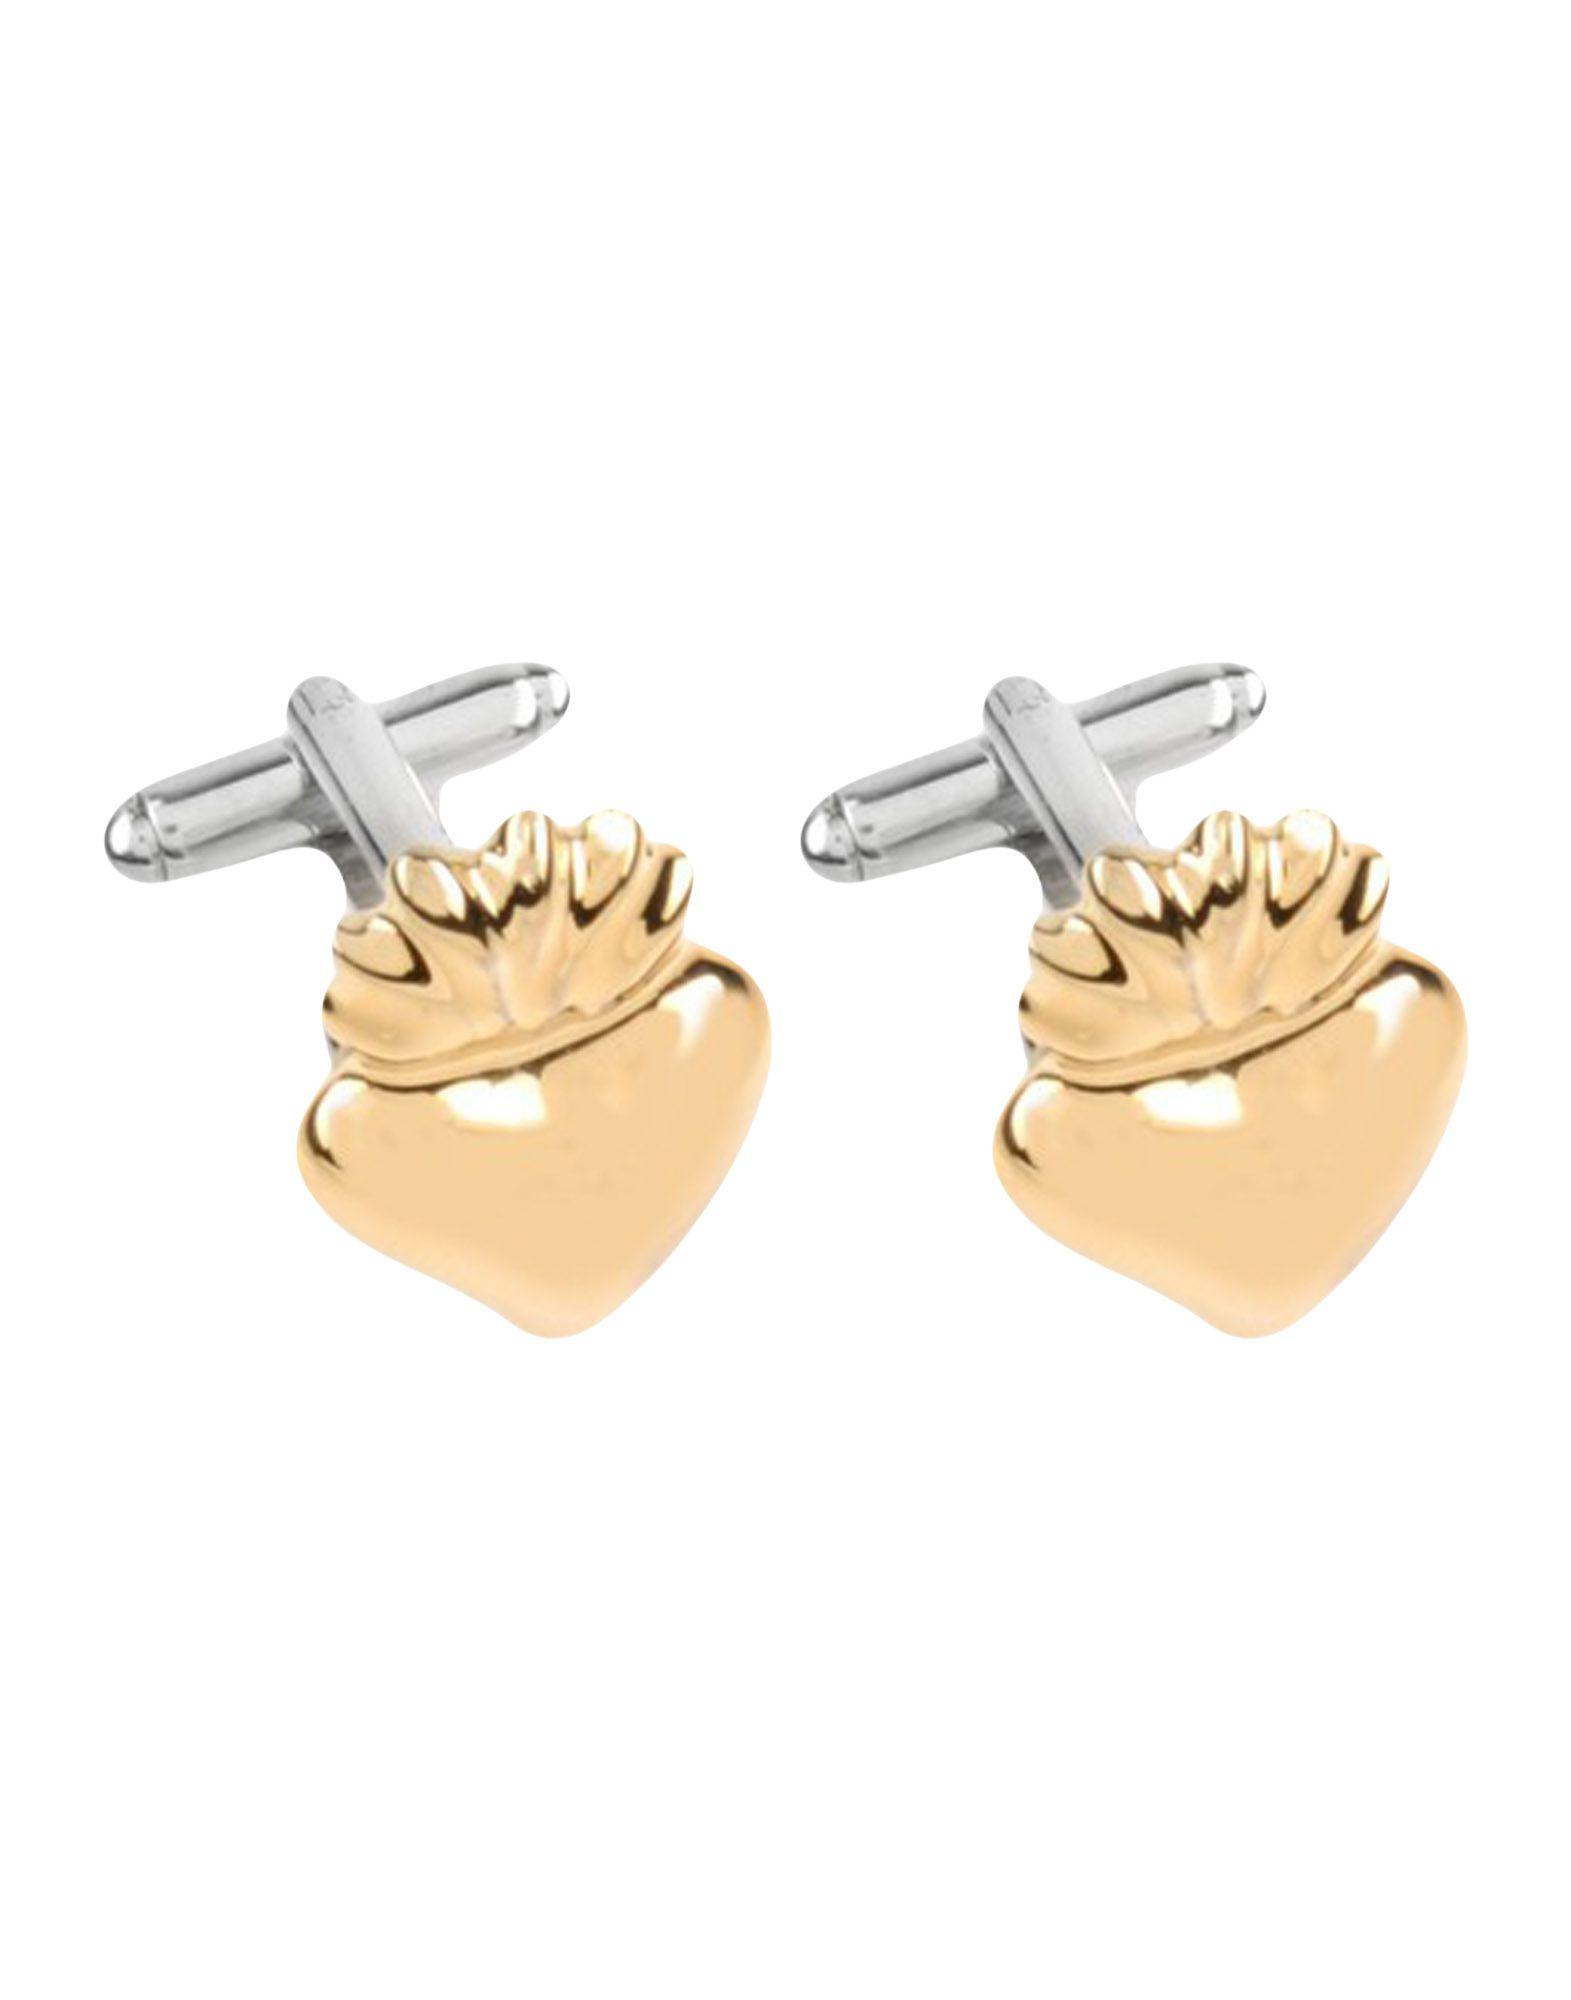 《送料無料》COR SINE LABE DOLI メンズ カフリンク&タイピン ゴールド 陶製 100% / ザマック合金